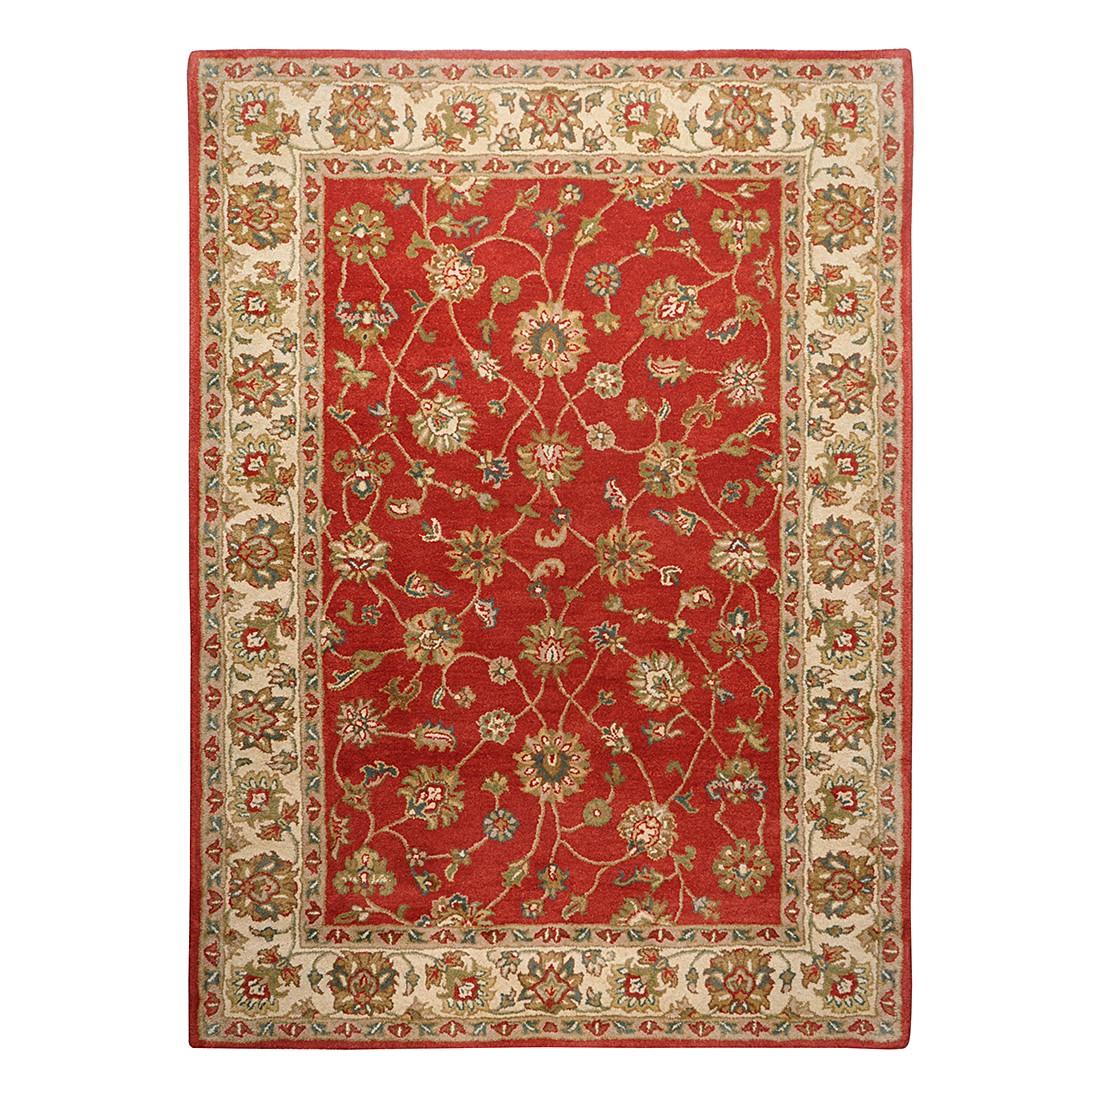 Teppich Royal Ziegler – Wolle/Terrakotta – 70 cm x 270 cm, THEKO die markenteppiche günstig kaufen